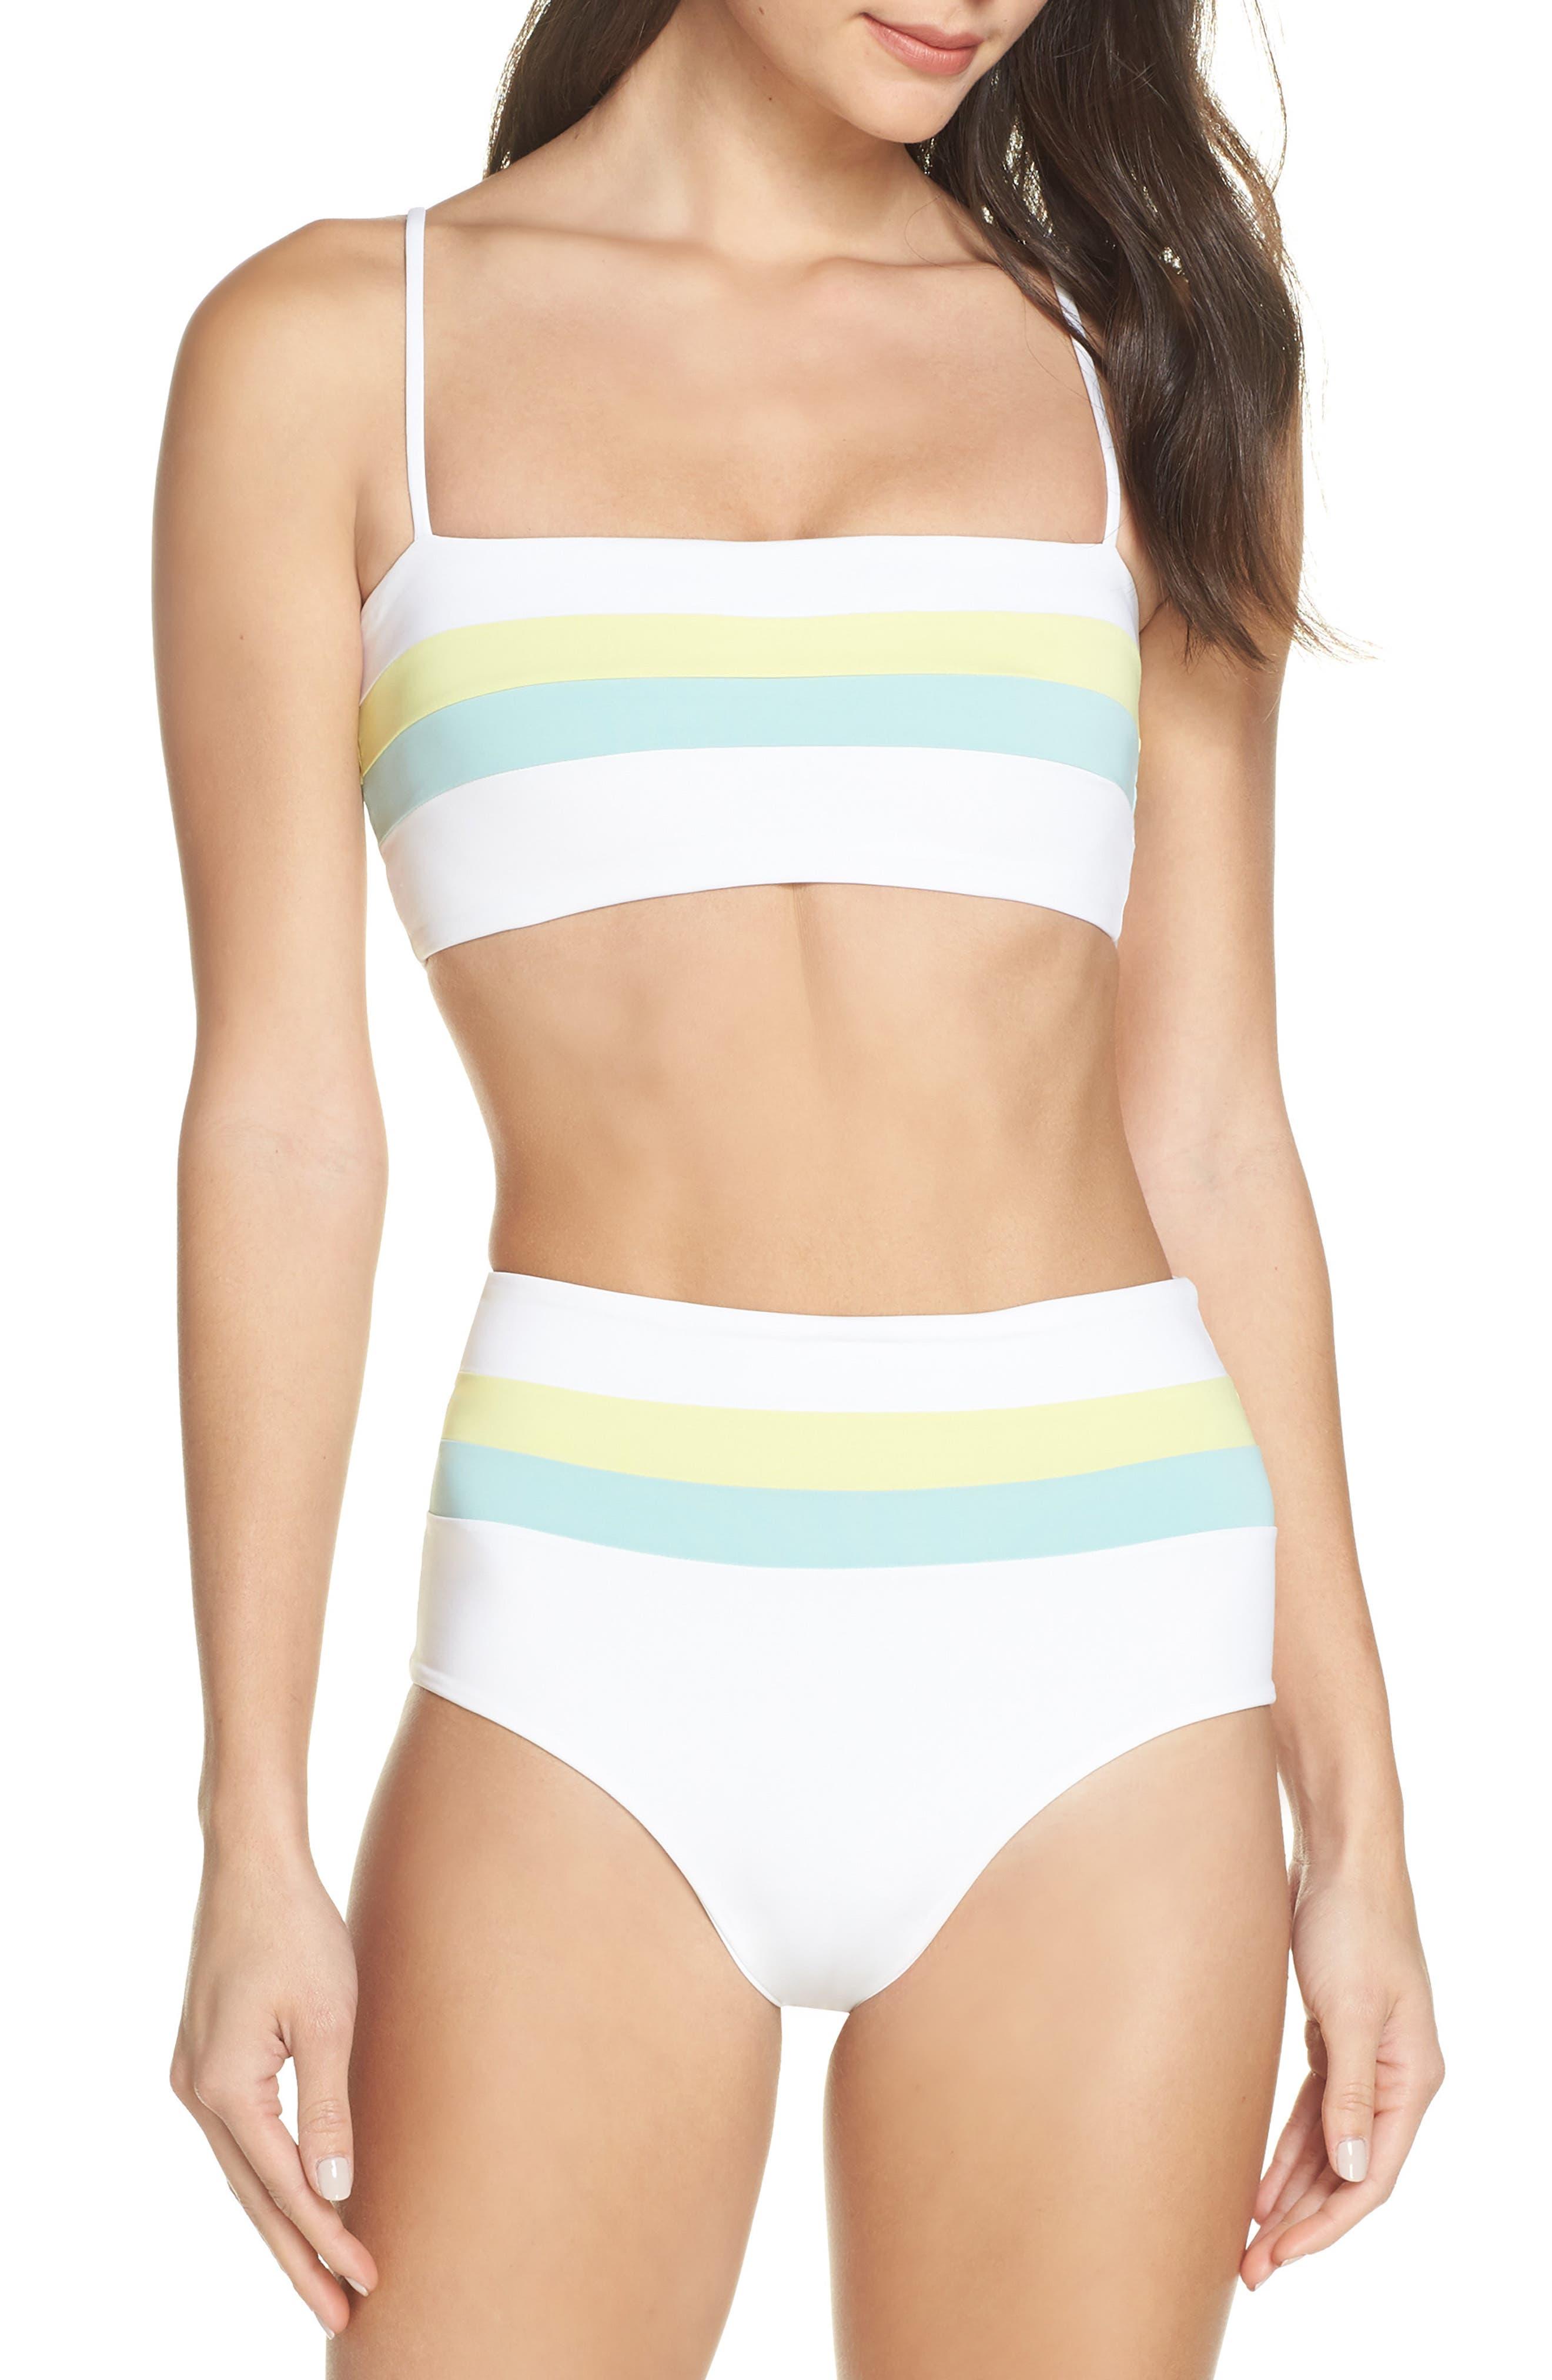 L SPACE, Portia Reversible High Waist Bikini Bottoms, Alternate thumbnail 8, color, WHITE/ LIGHT TURQ/ LEMONADE